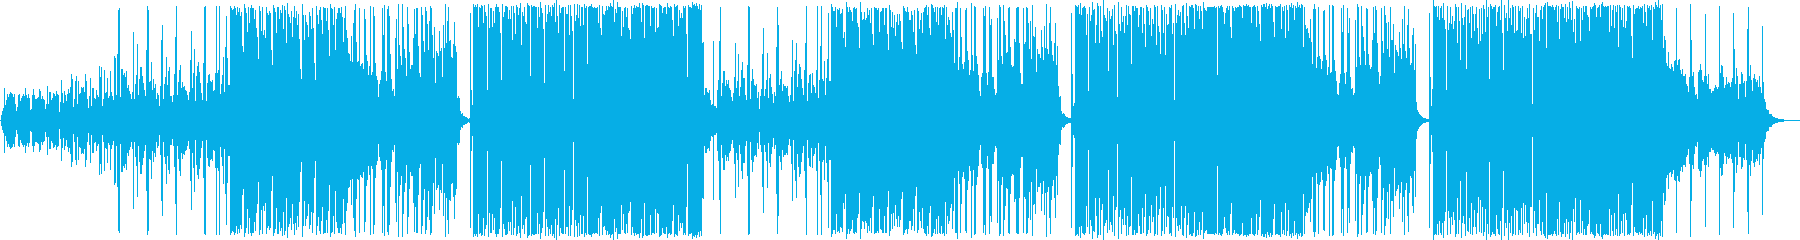 アップテンポのテクノポップの再生済みの波形